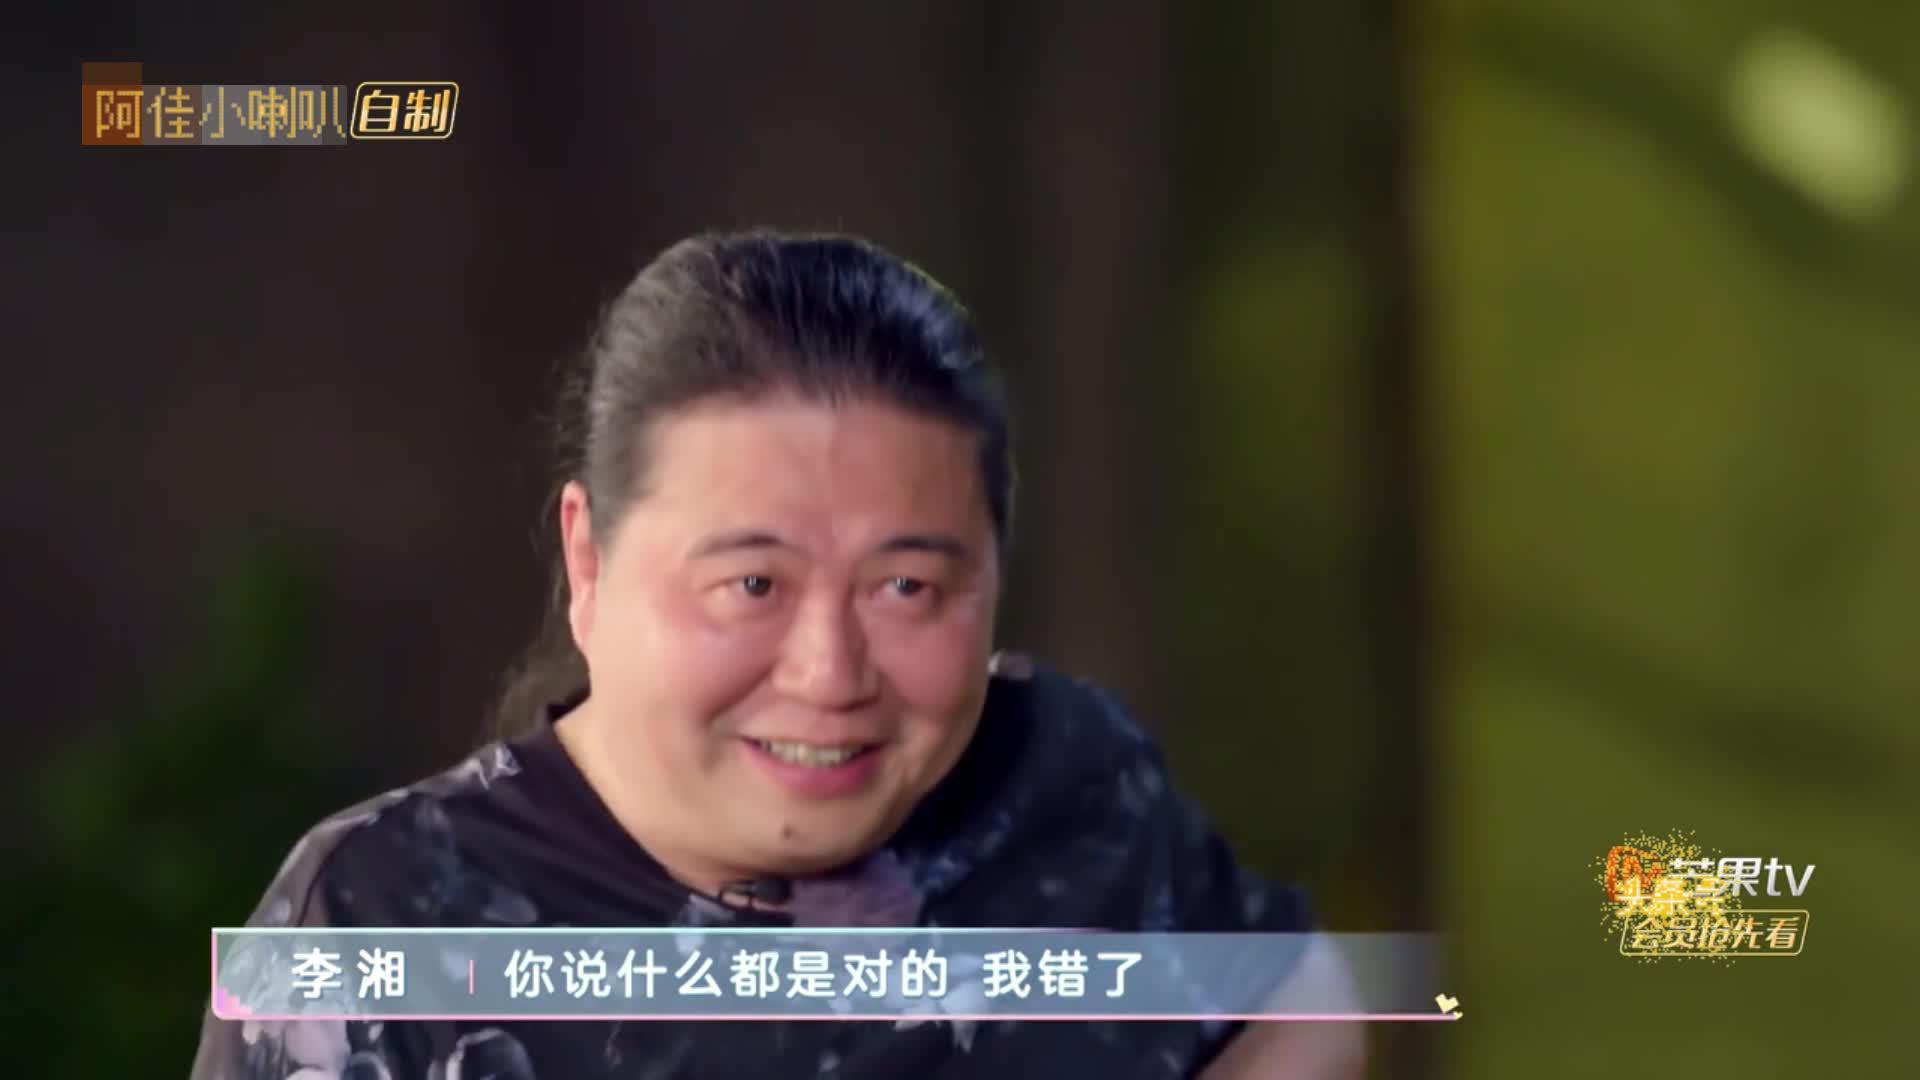 李湘教育王岳伦 汪海林 夫妻吵架如何哄太太 要不停认错